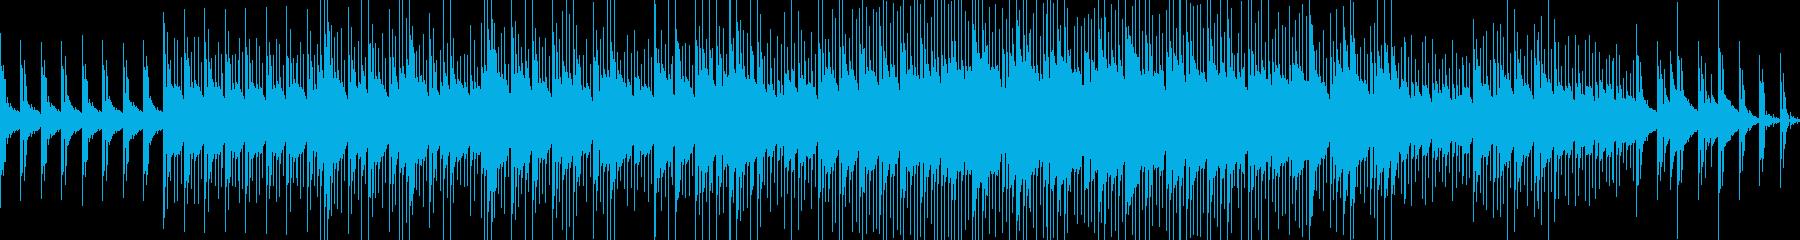 魂の在り処【美しく神秘的なエレピの曲】の再生済みの波形